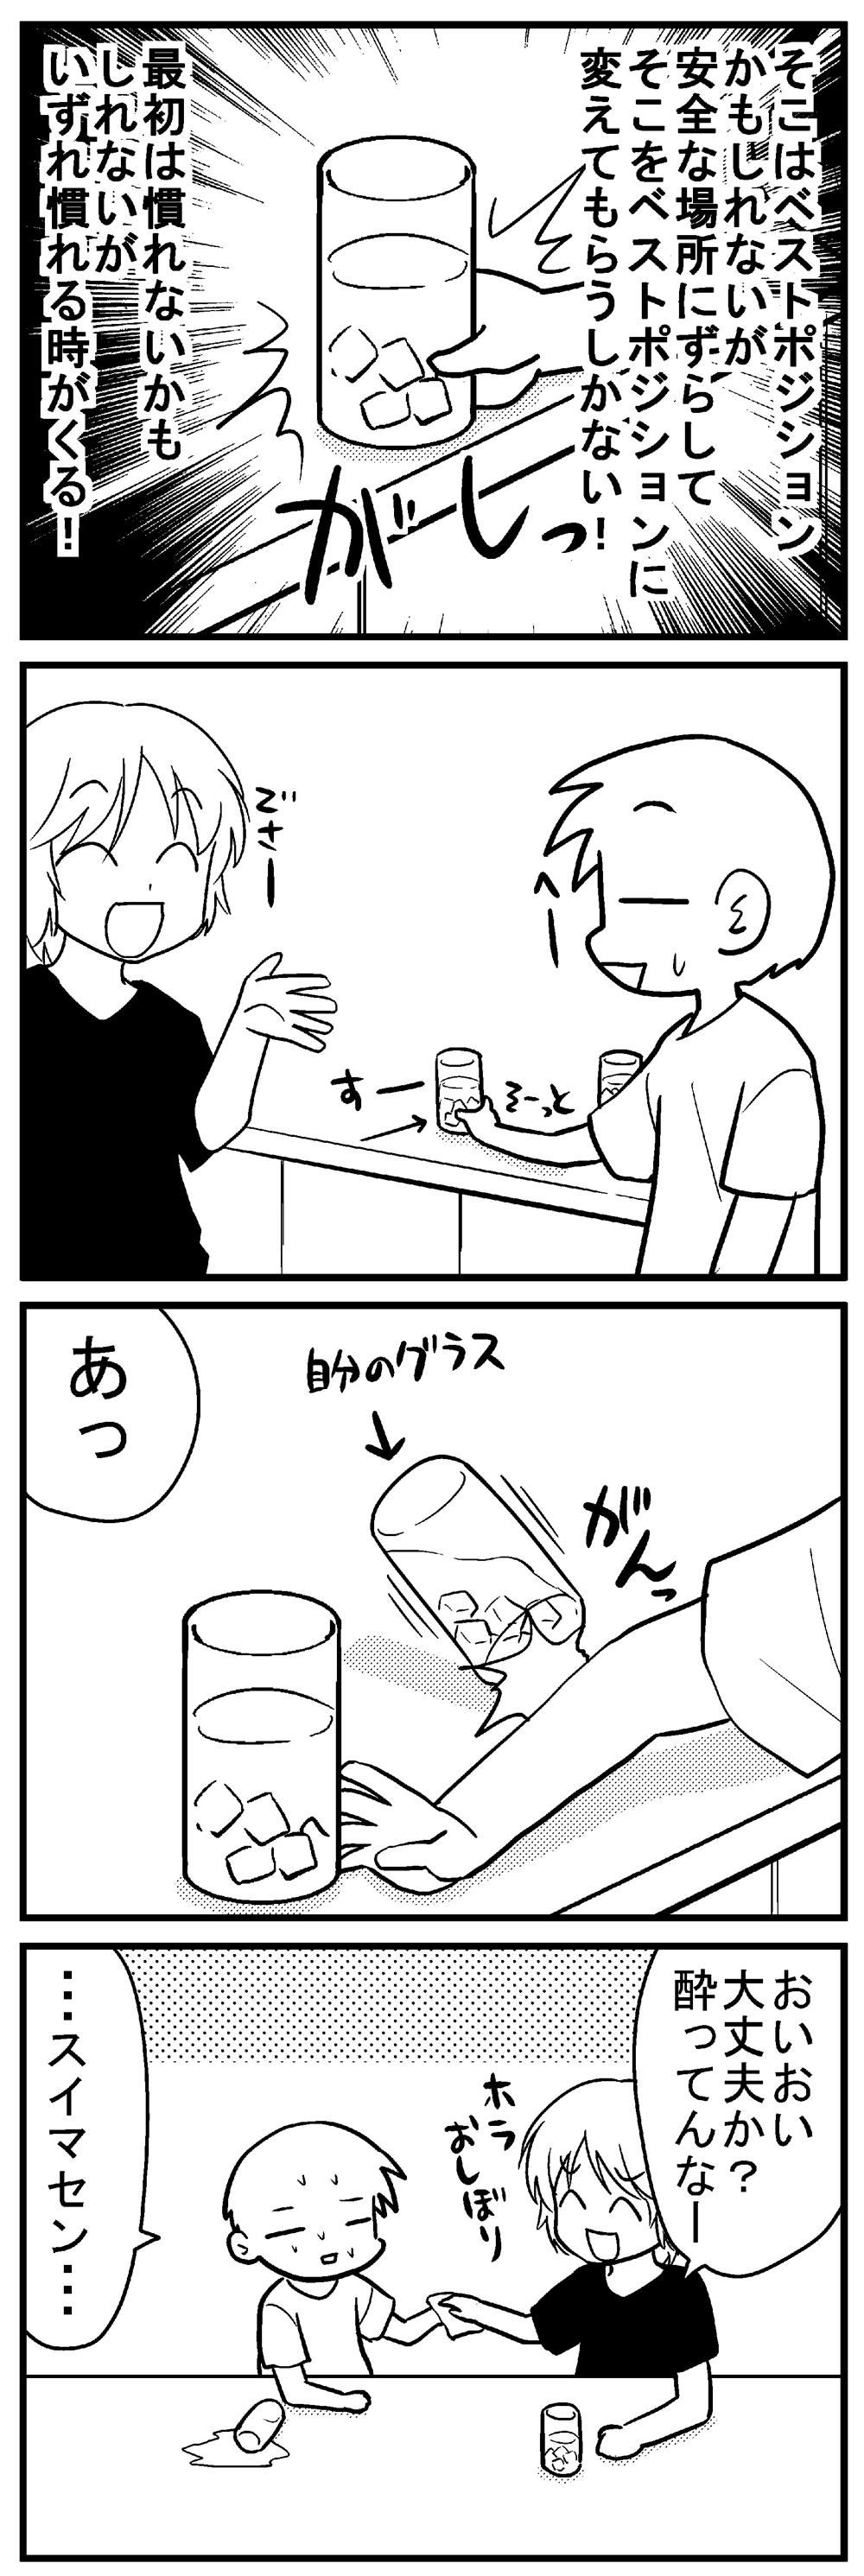 深読みくん71-4